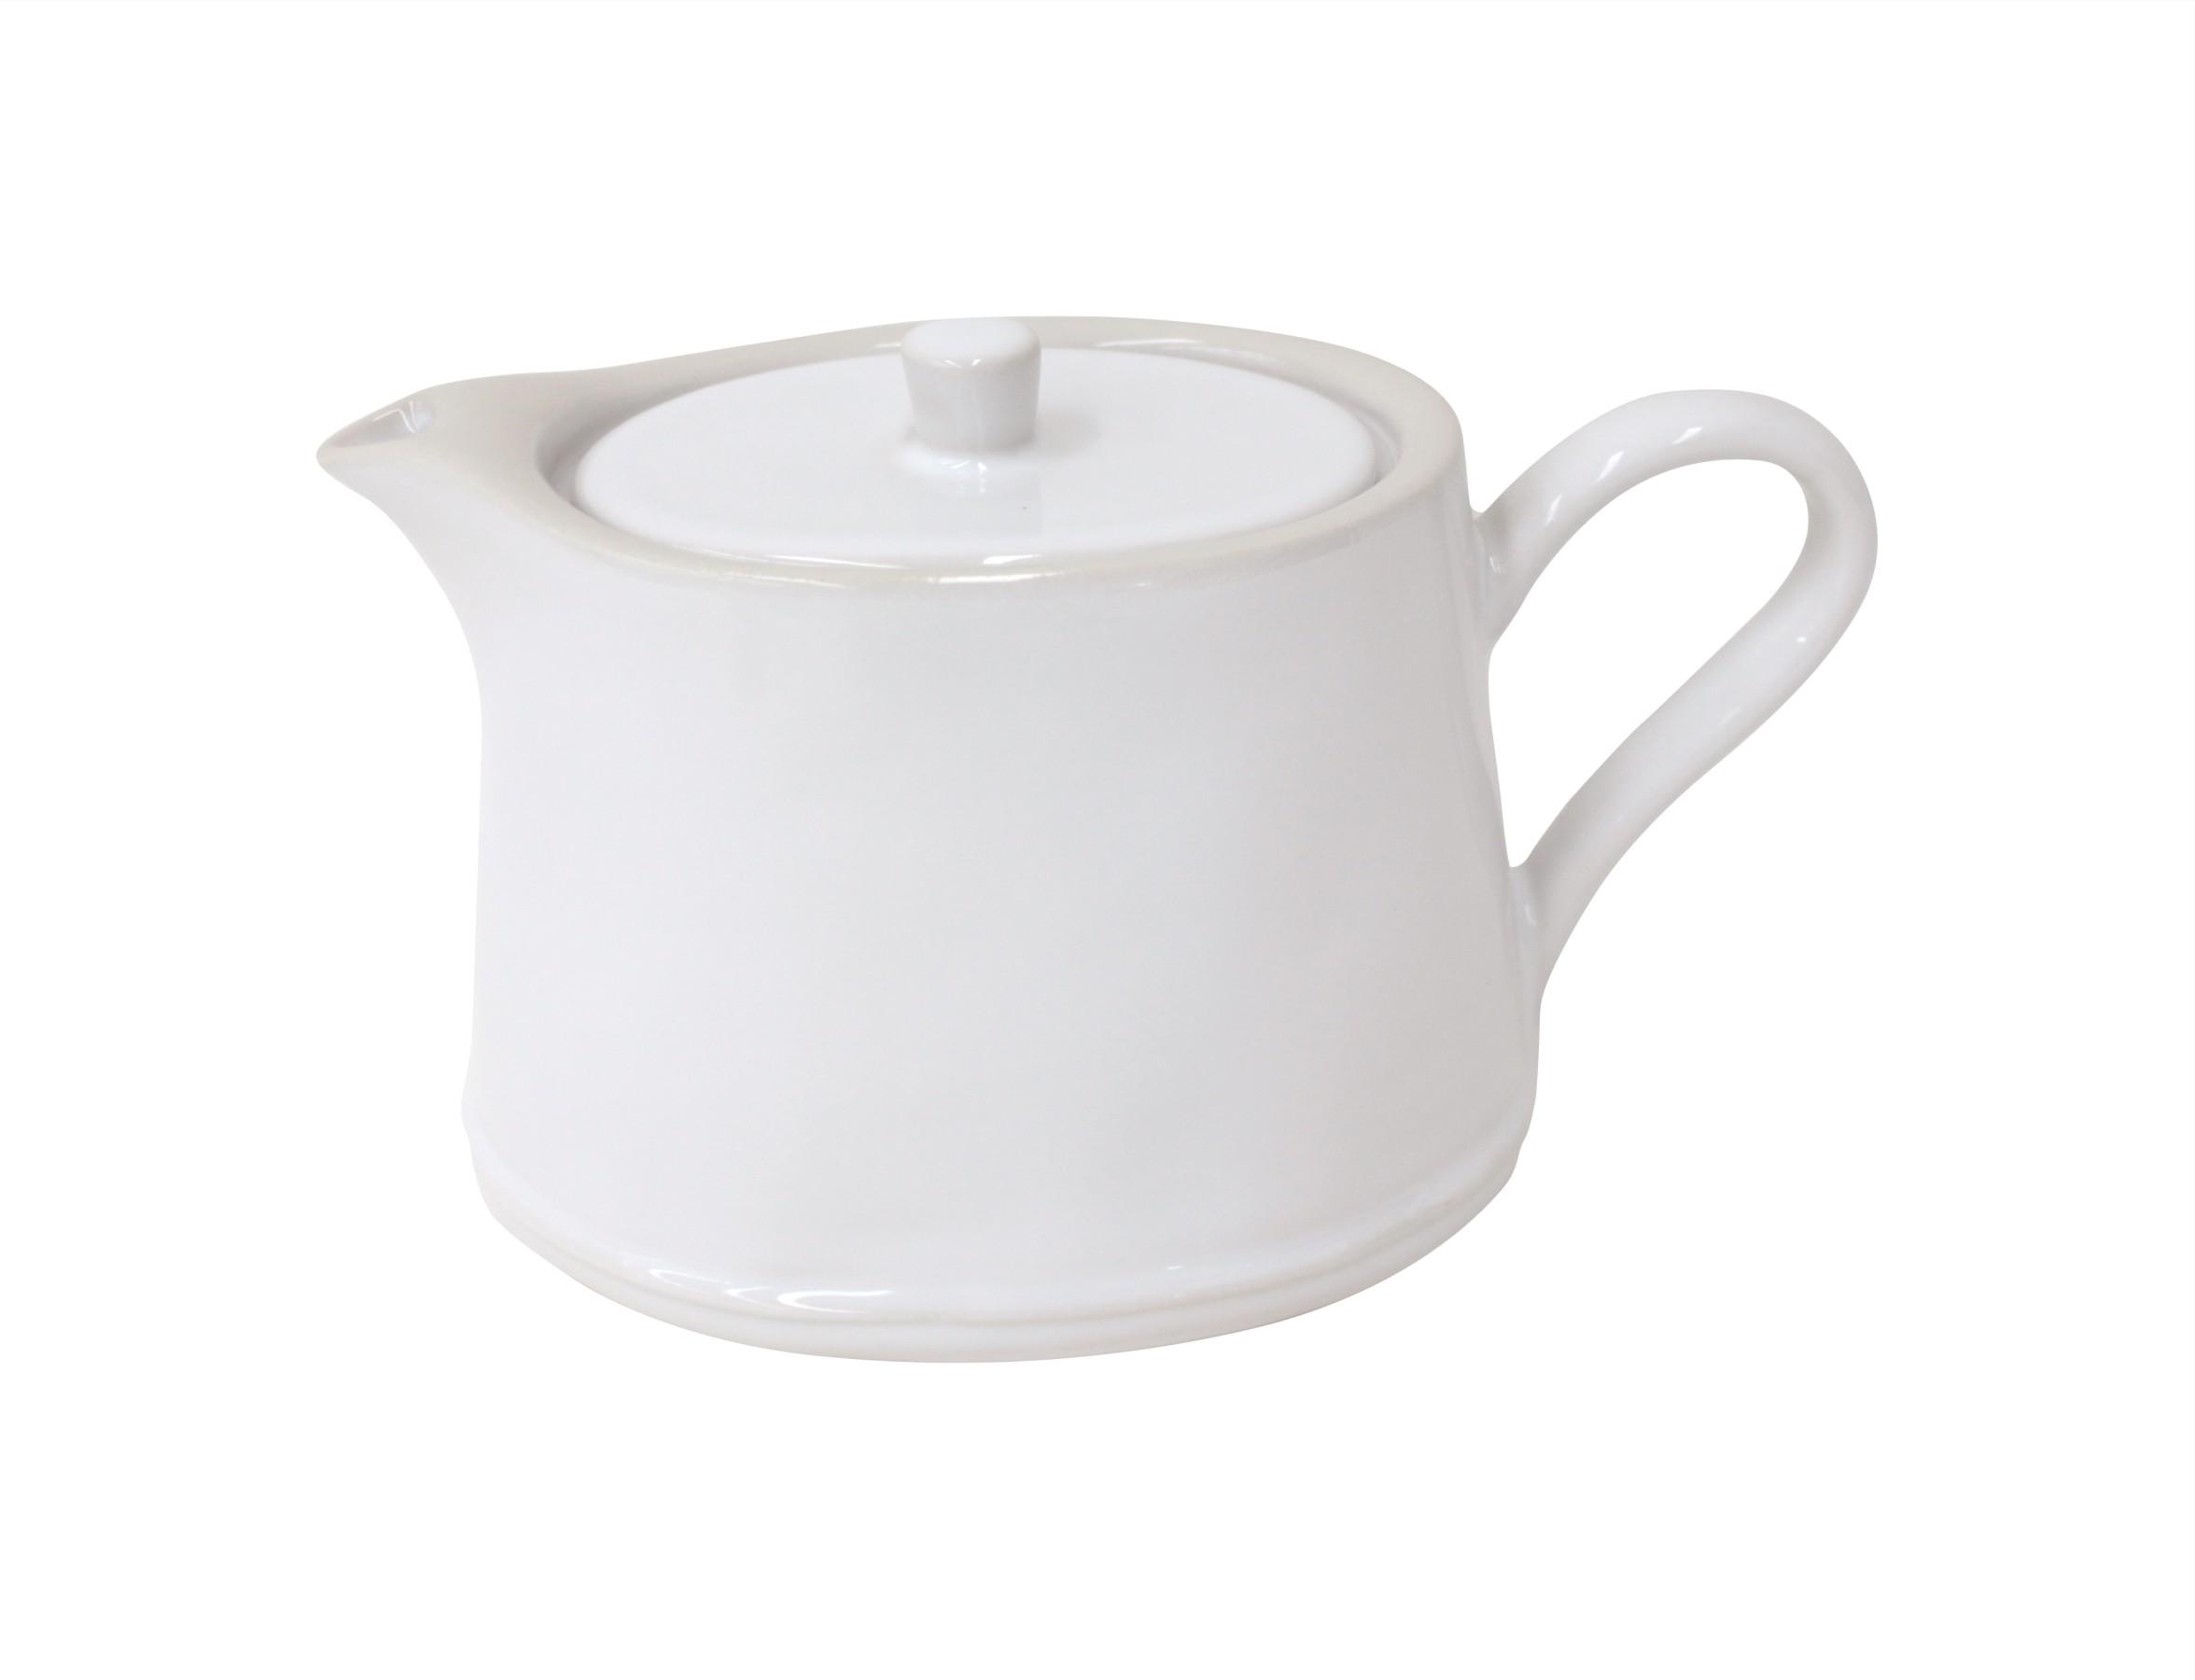 COSTA NOVA Konvice na čaj Astoria bílá Objem: 1,0l